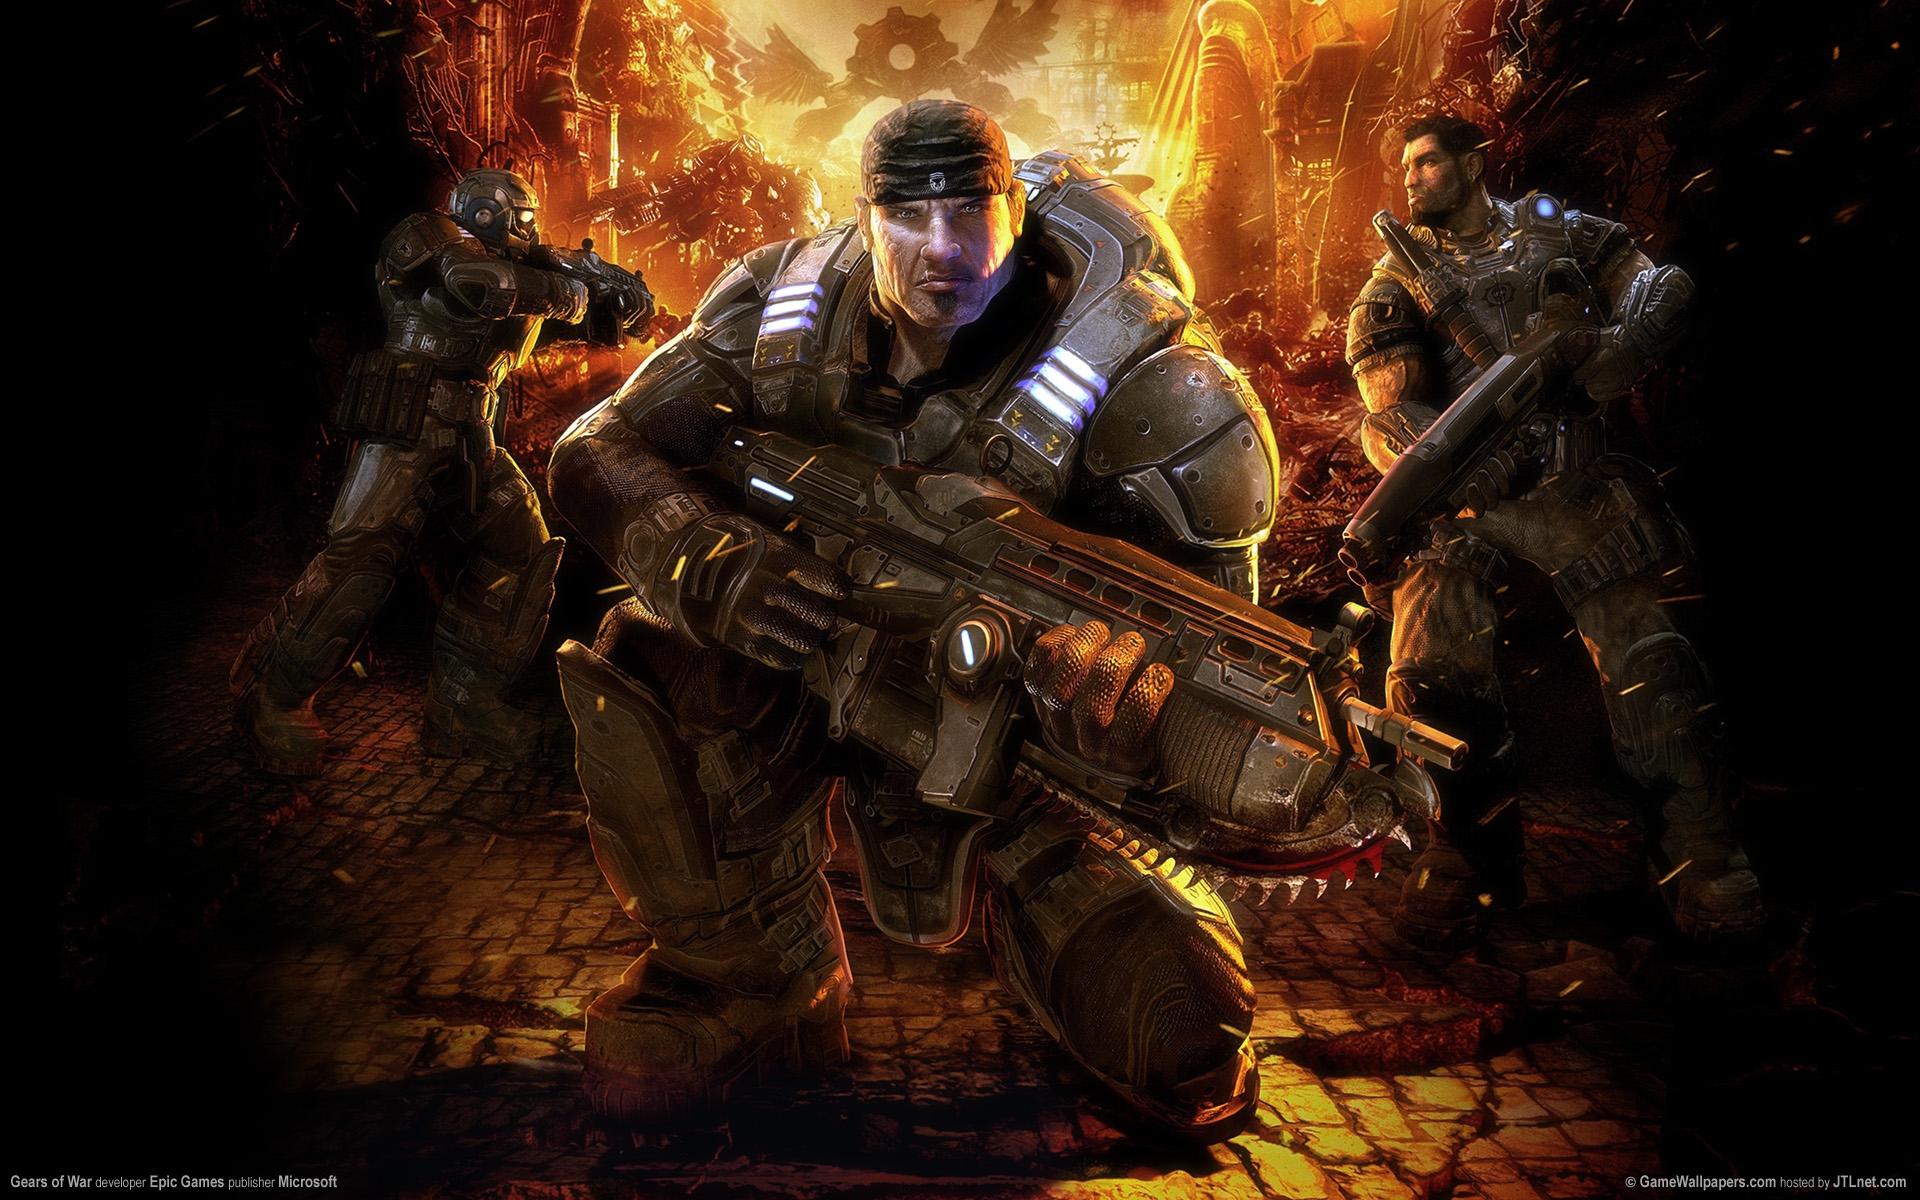 Gears Of War 2 Hd Wallpaper Gears Of War 1 Hd 1382661 Hd